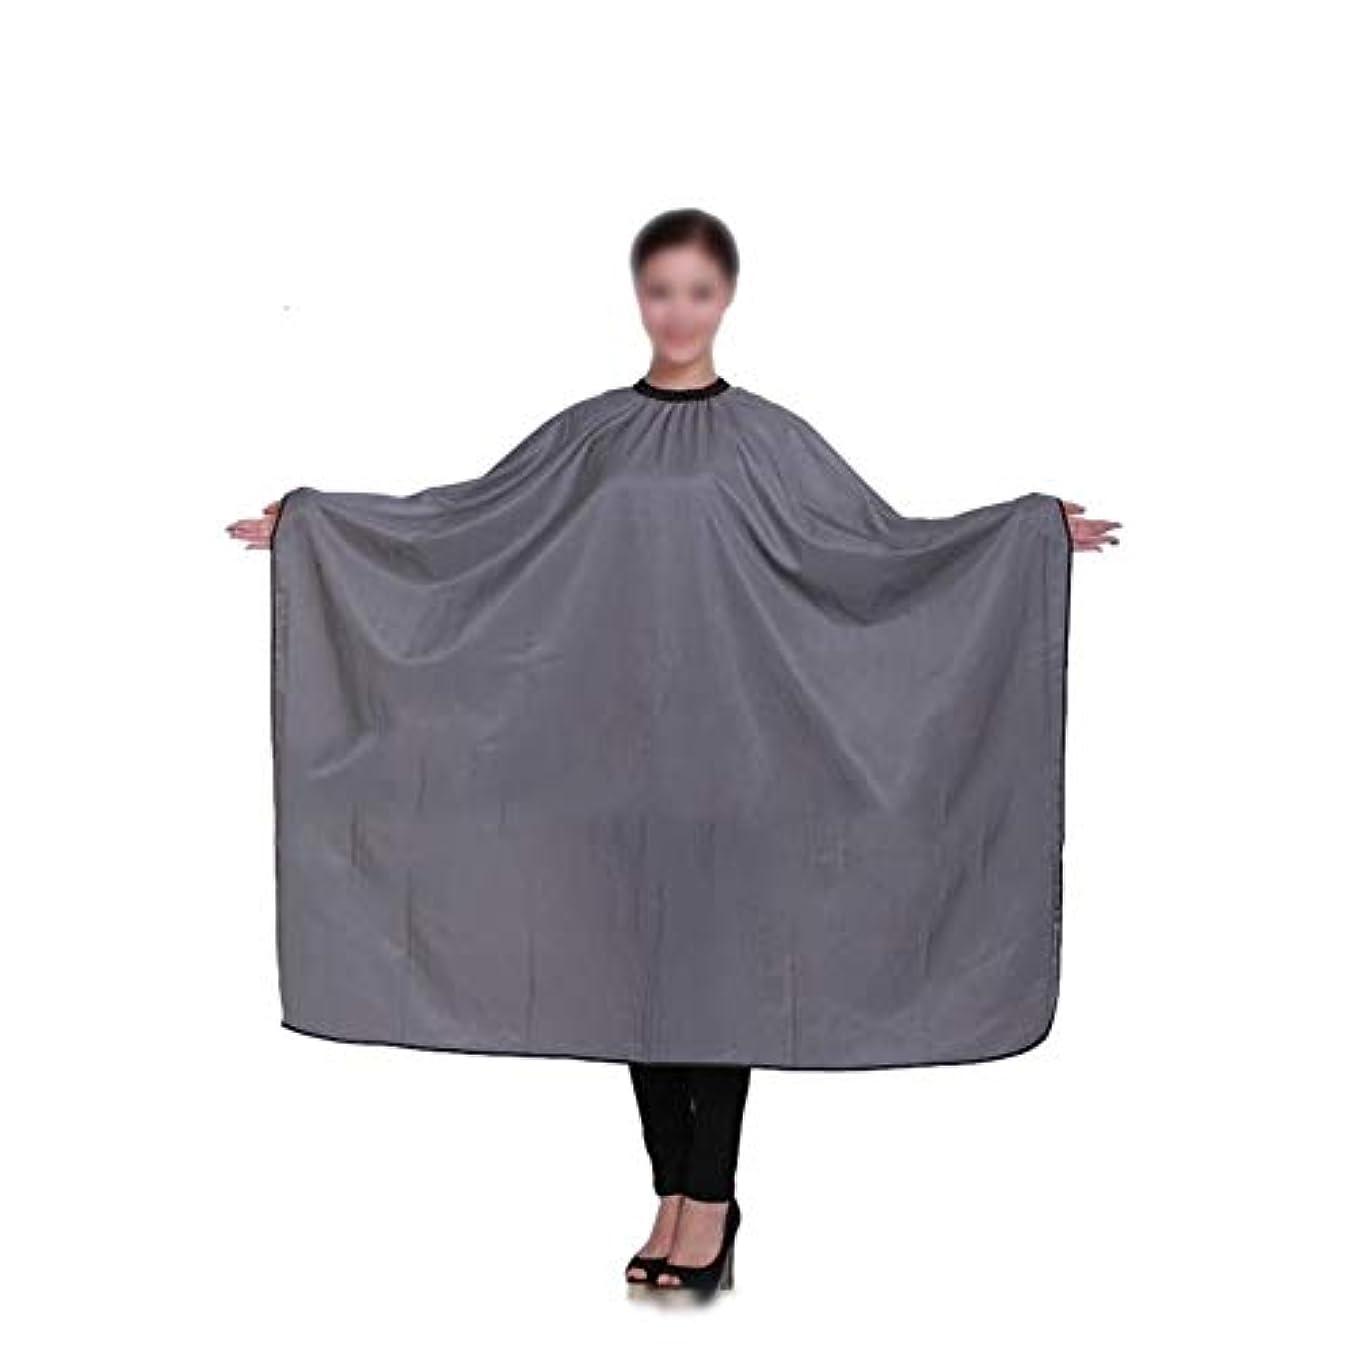 クモブレス論争的サロンヘアカットエプロンヘアカット防水布スタイリングガウングレー モデリングツール